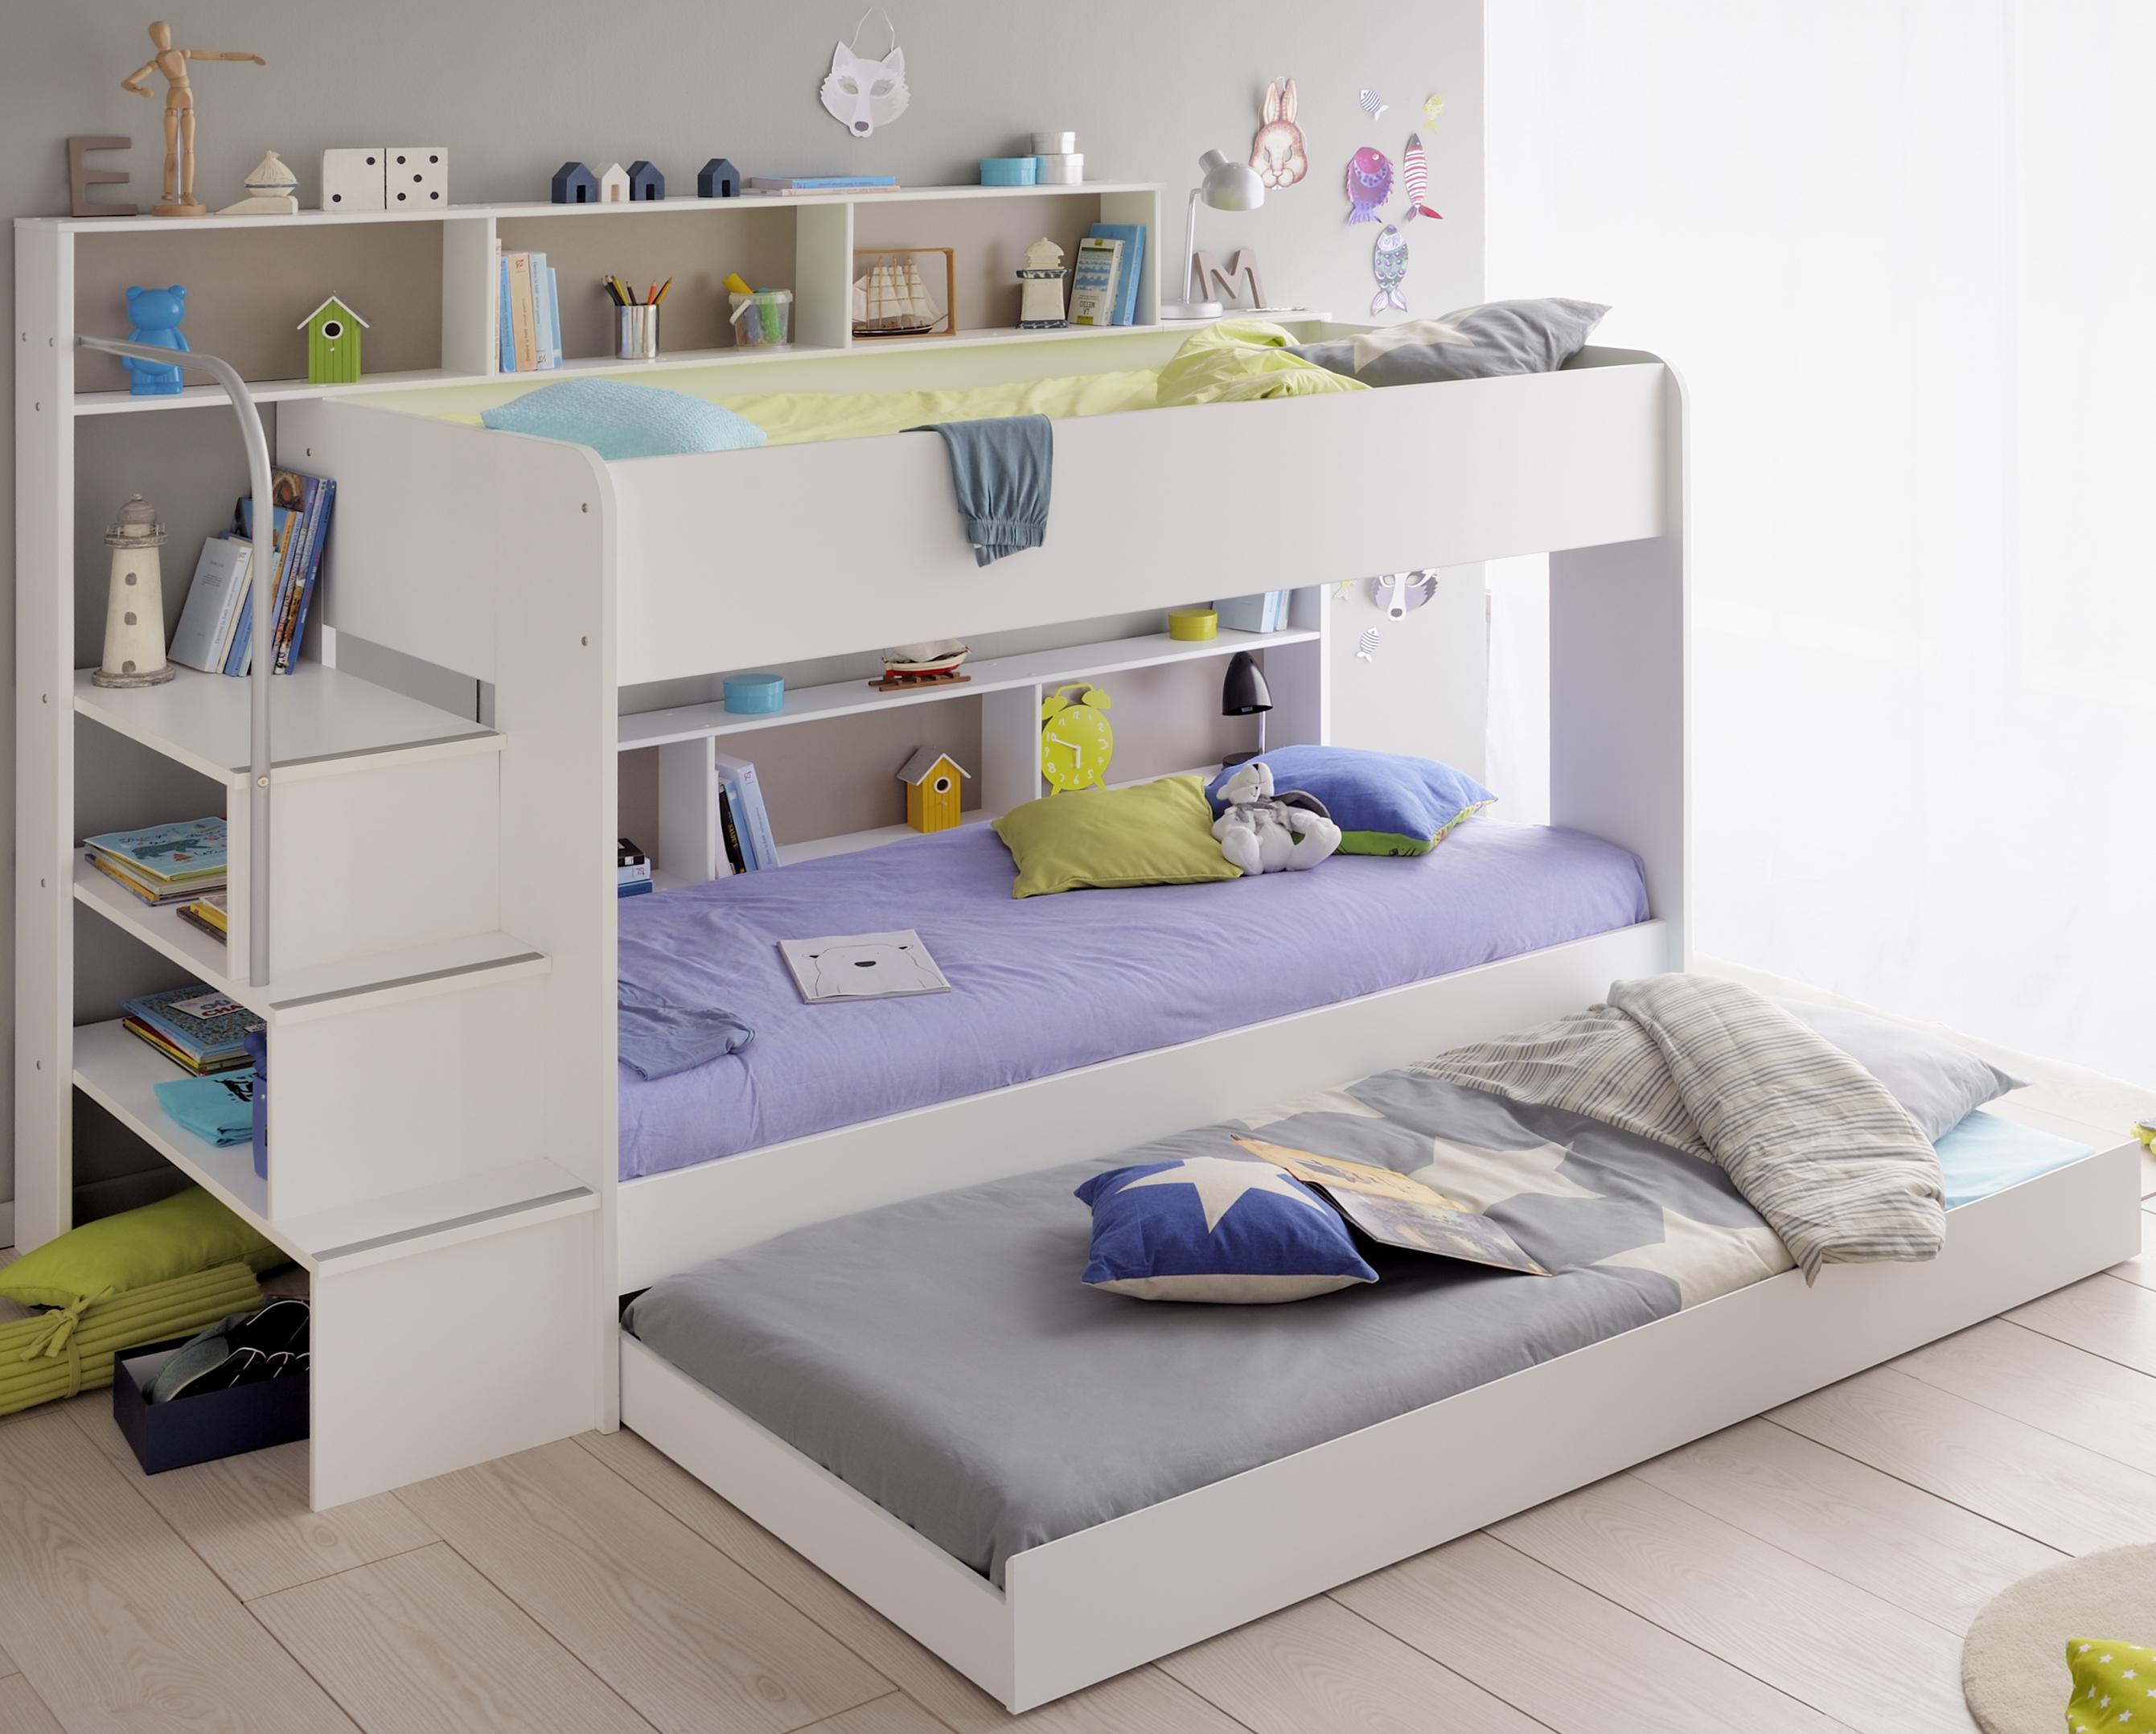 Etagenbett Kinder Weiß : Kinder hochbett weiß massiv mit schreibtisch etagenbett